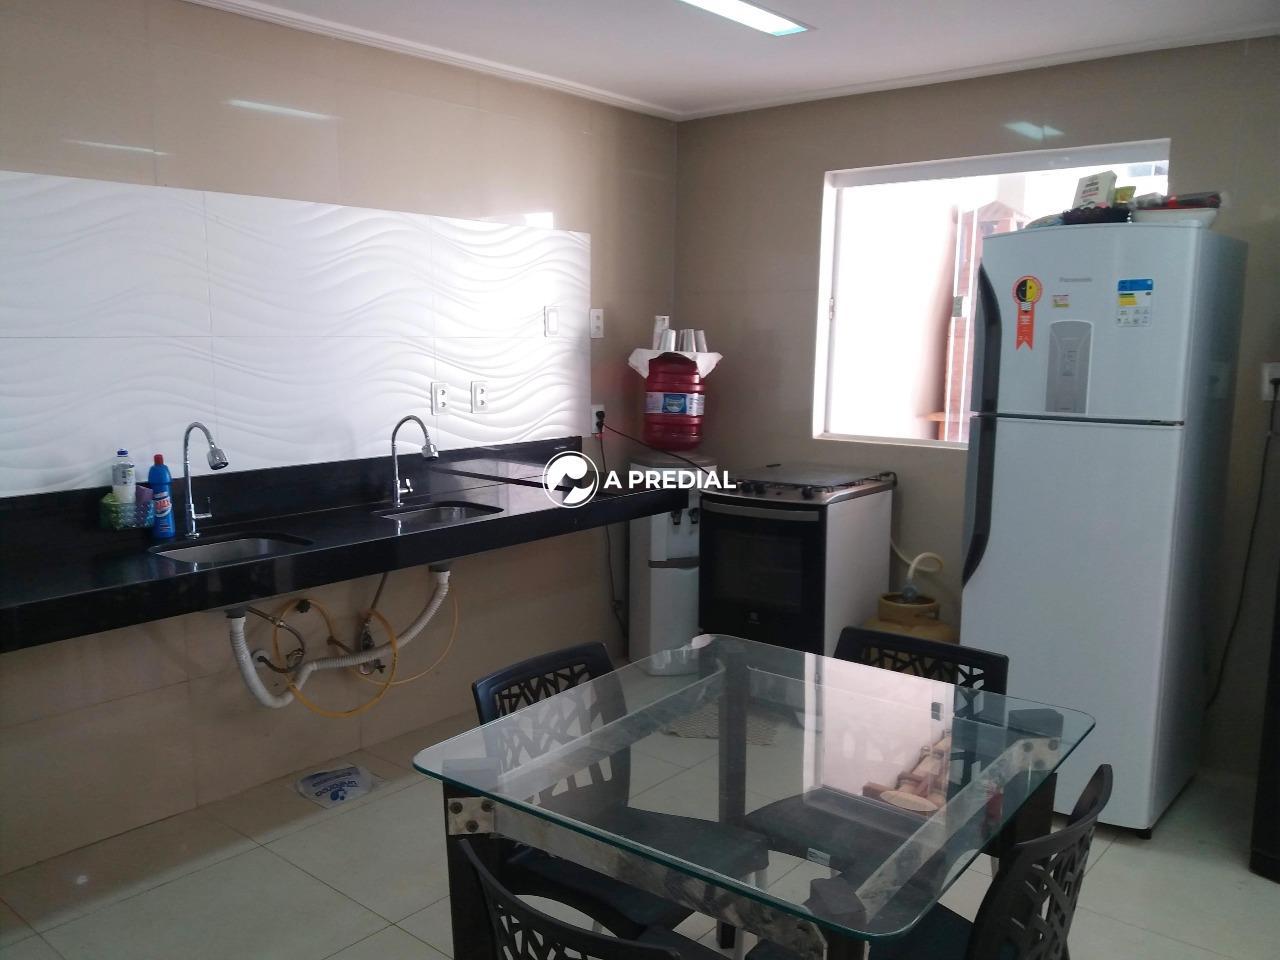 Casa para aluguel no Maraponga: cozinha Casa Maraponga